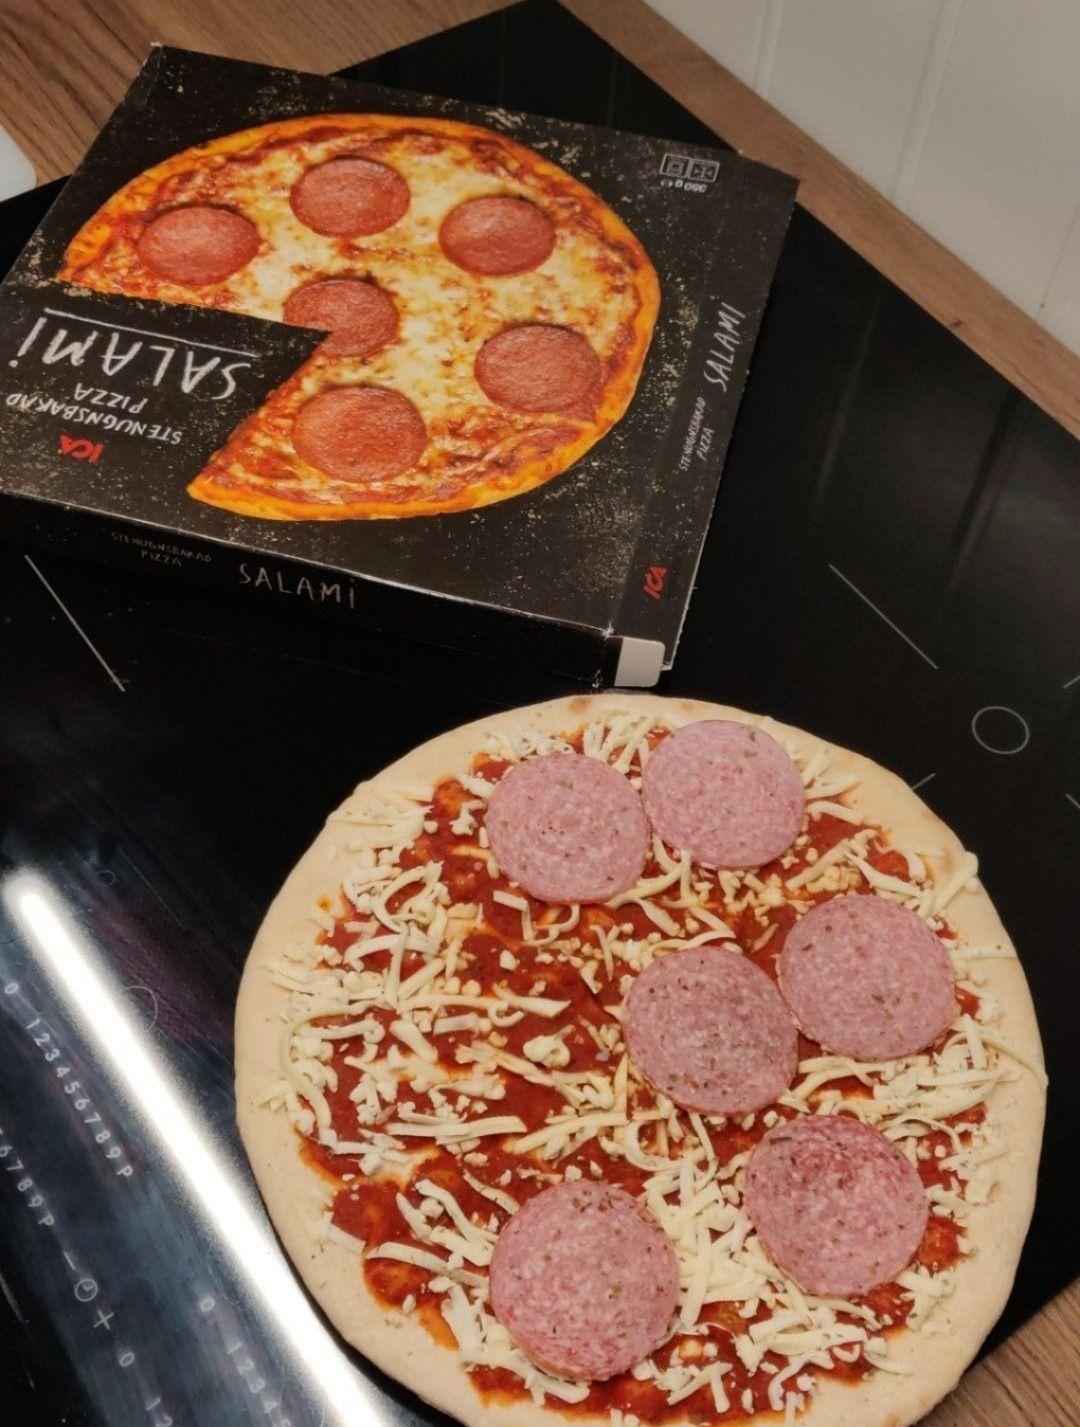 Y no miente - #envoltorio #igual #imagen #pizza